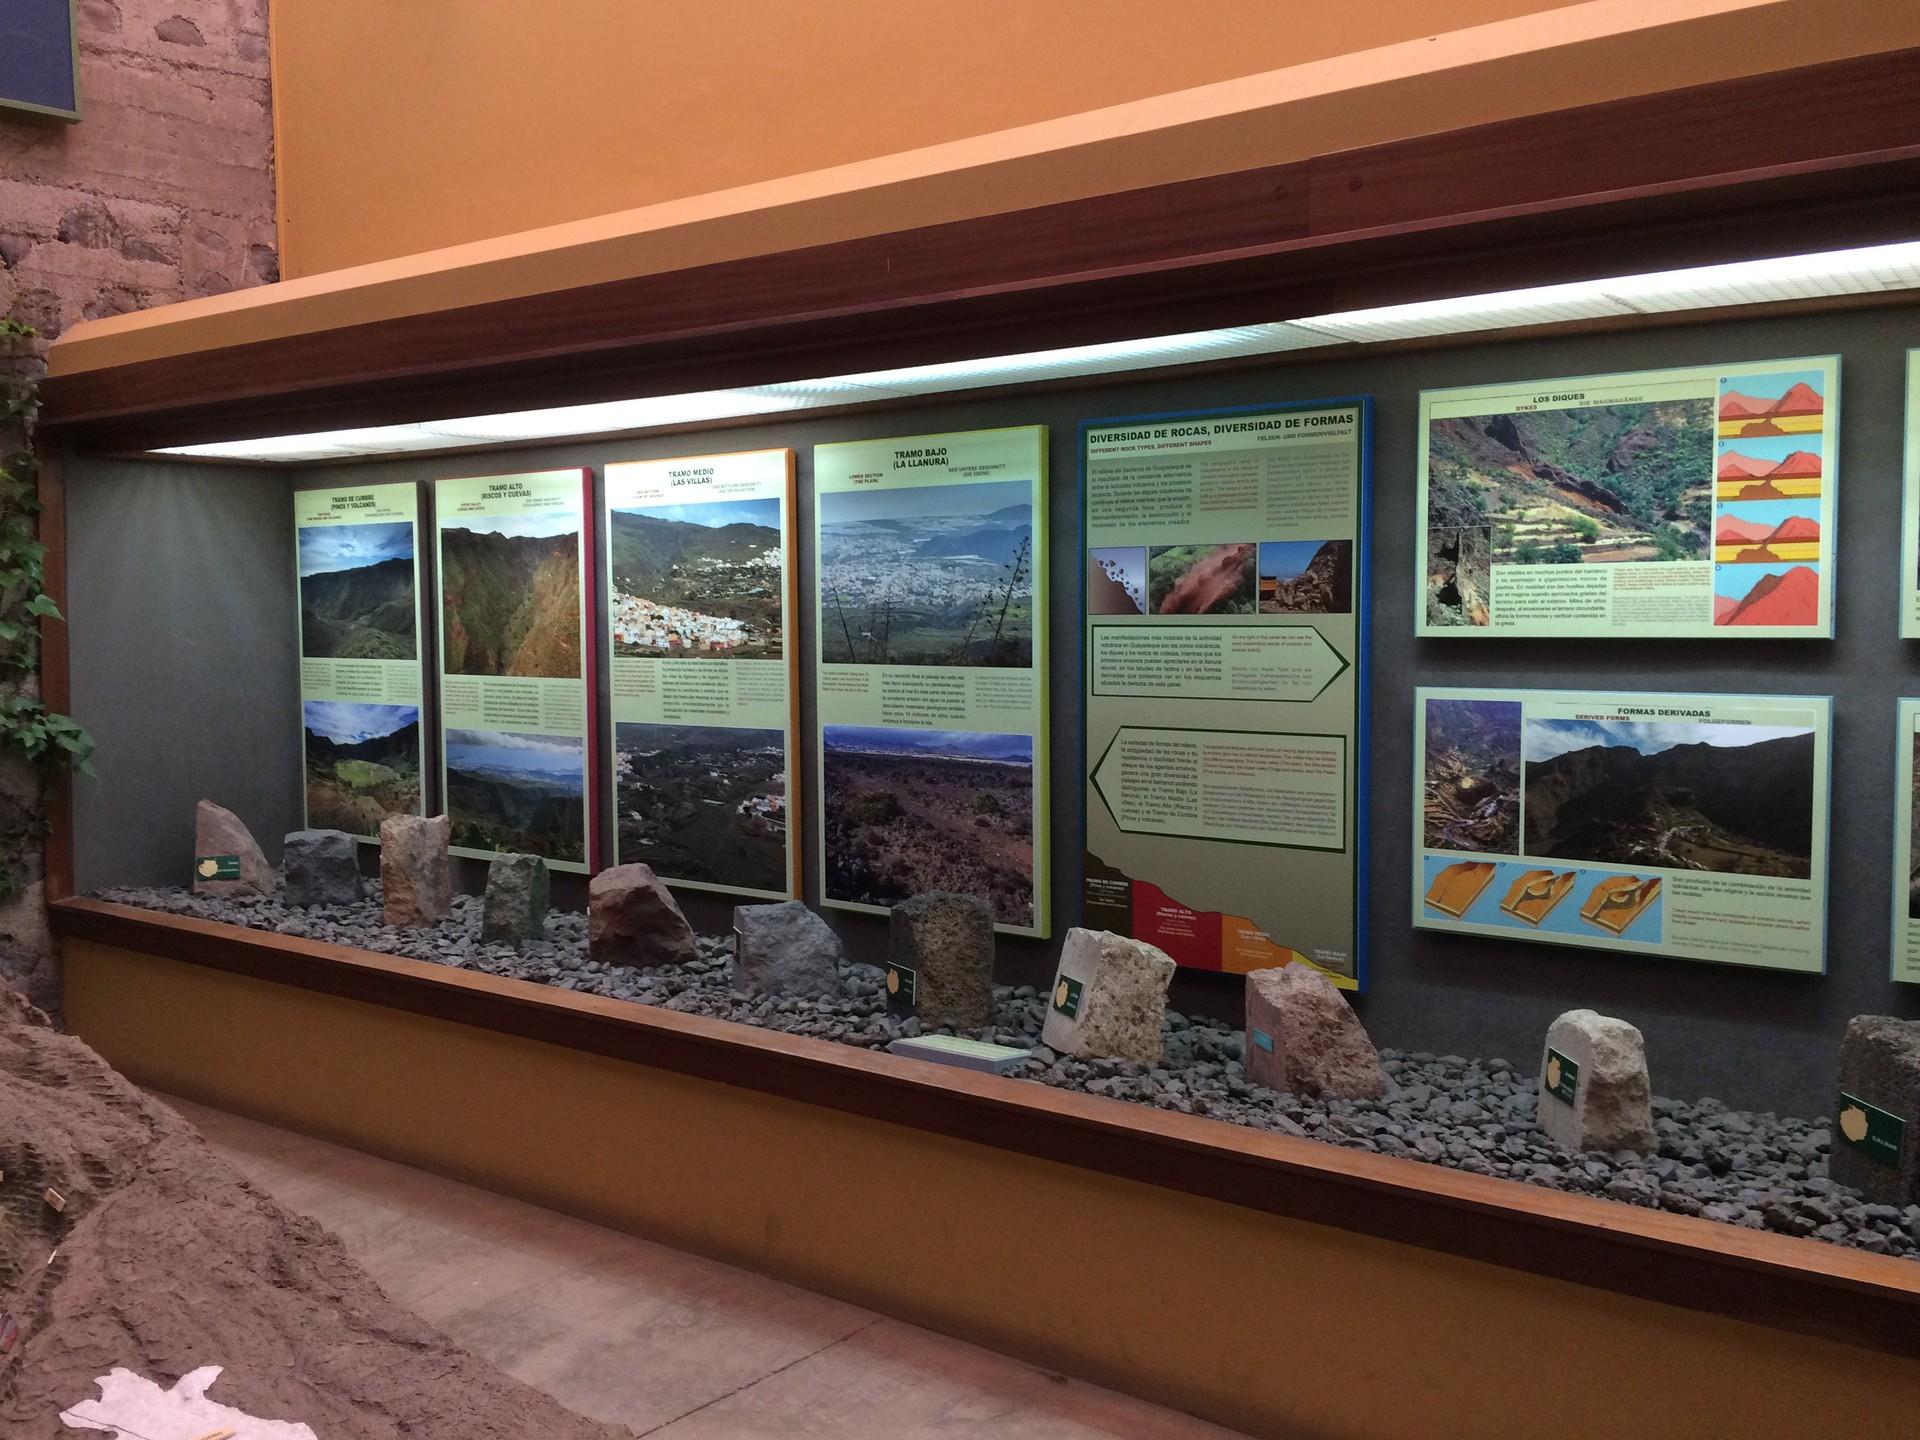 museo-guayadeque-dd485dd52e0bc6124fa9629